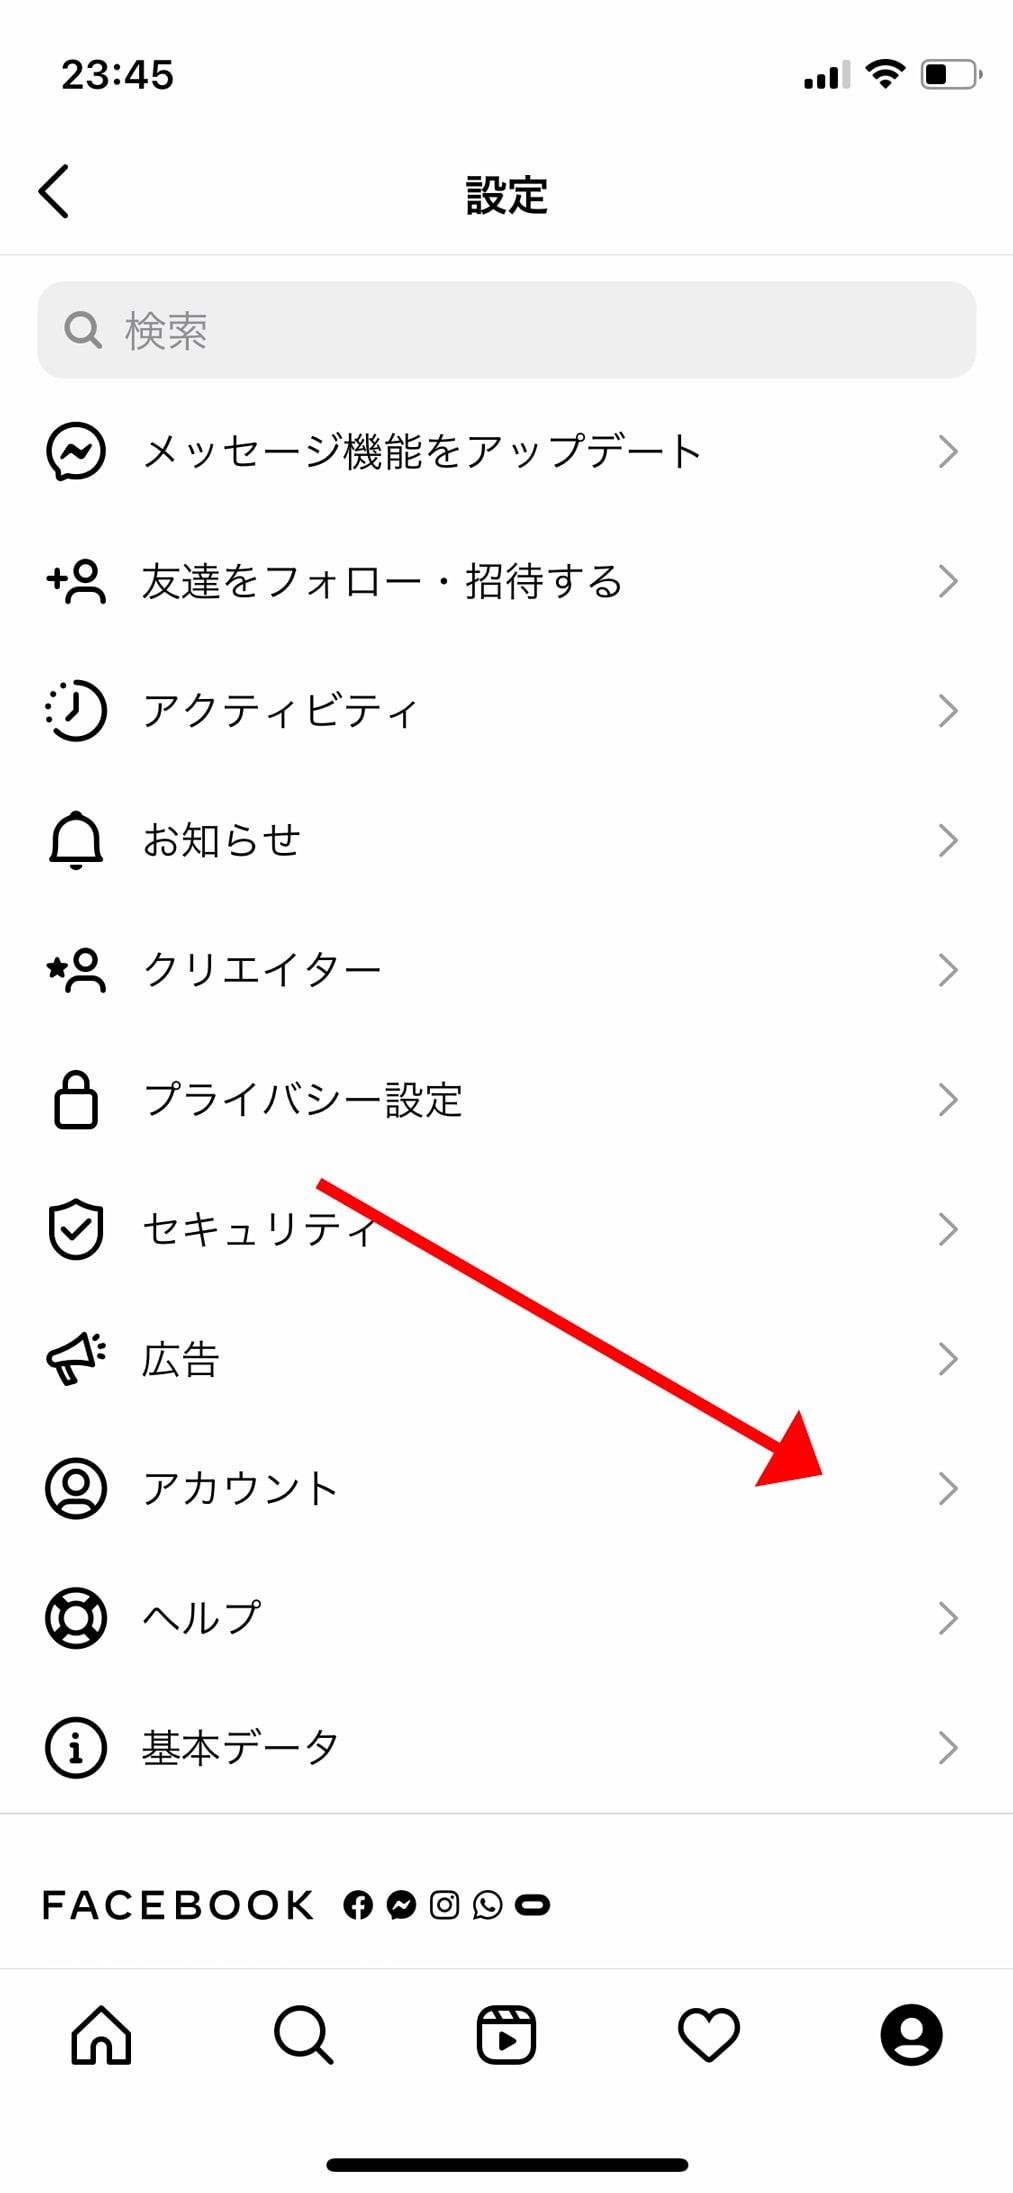 インスタグラムの動画自動再生をストップしてiPhoneのパケット通信を節約する方法